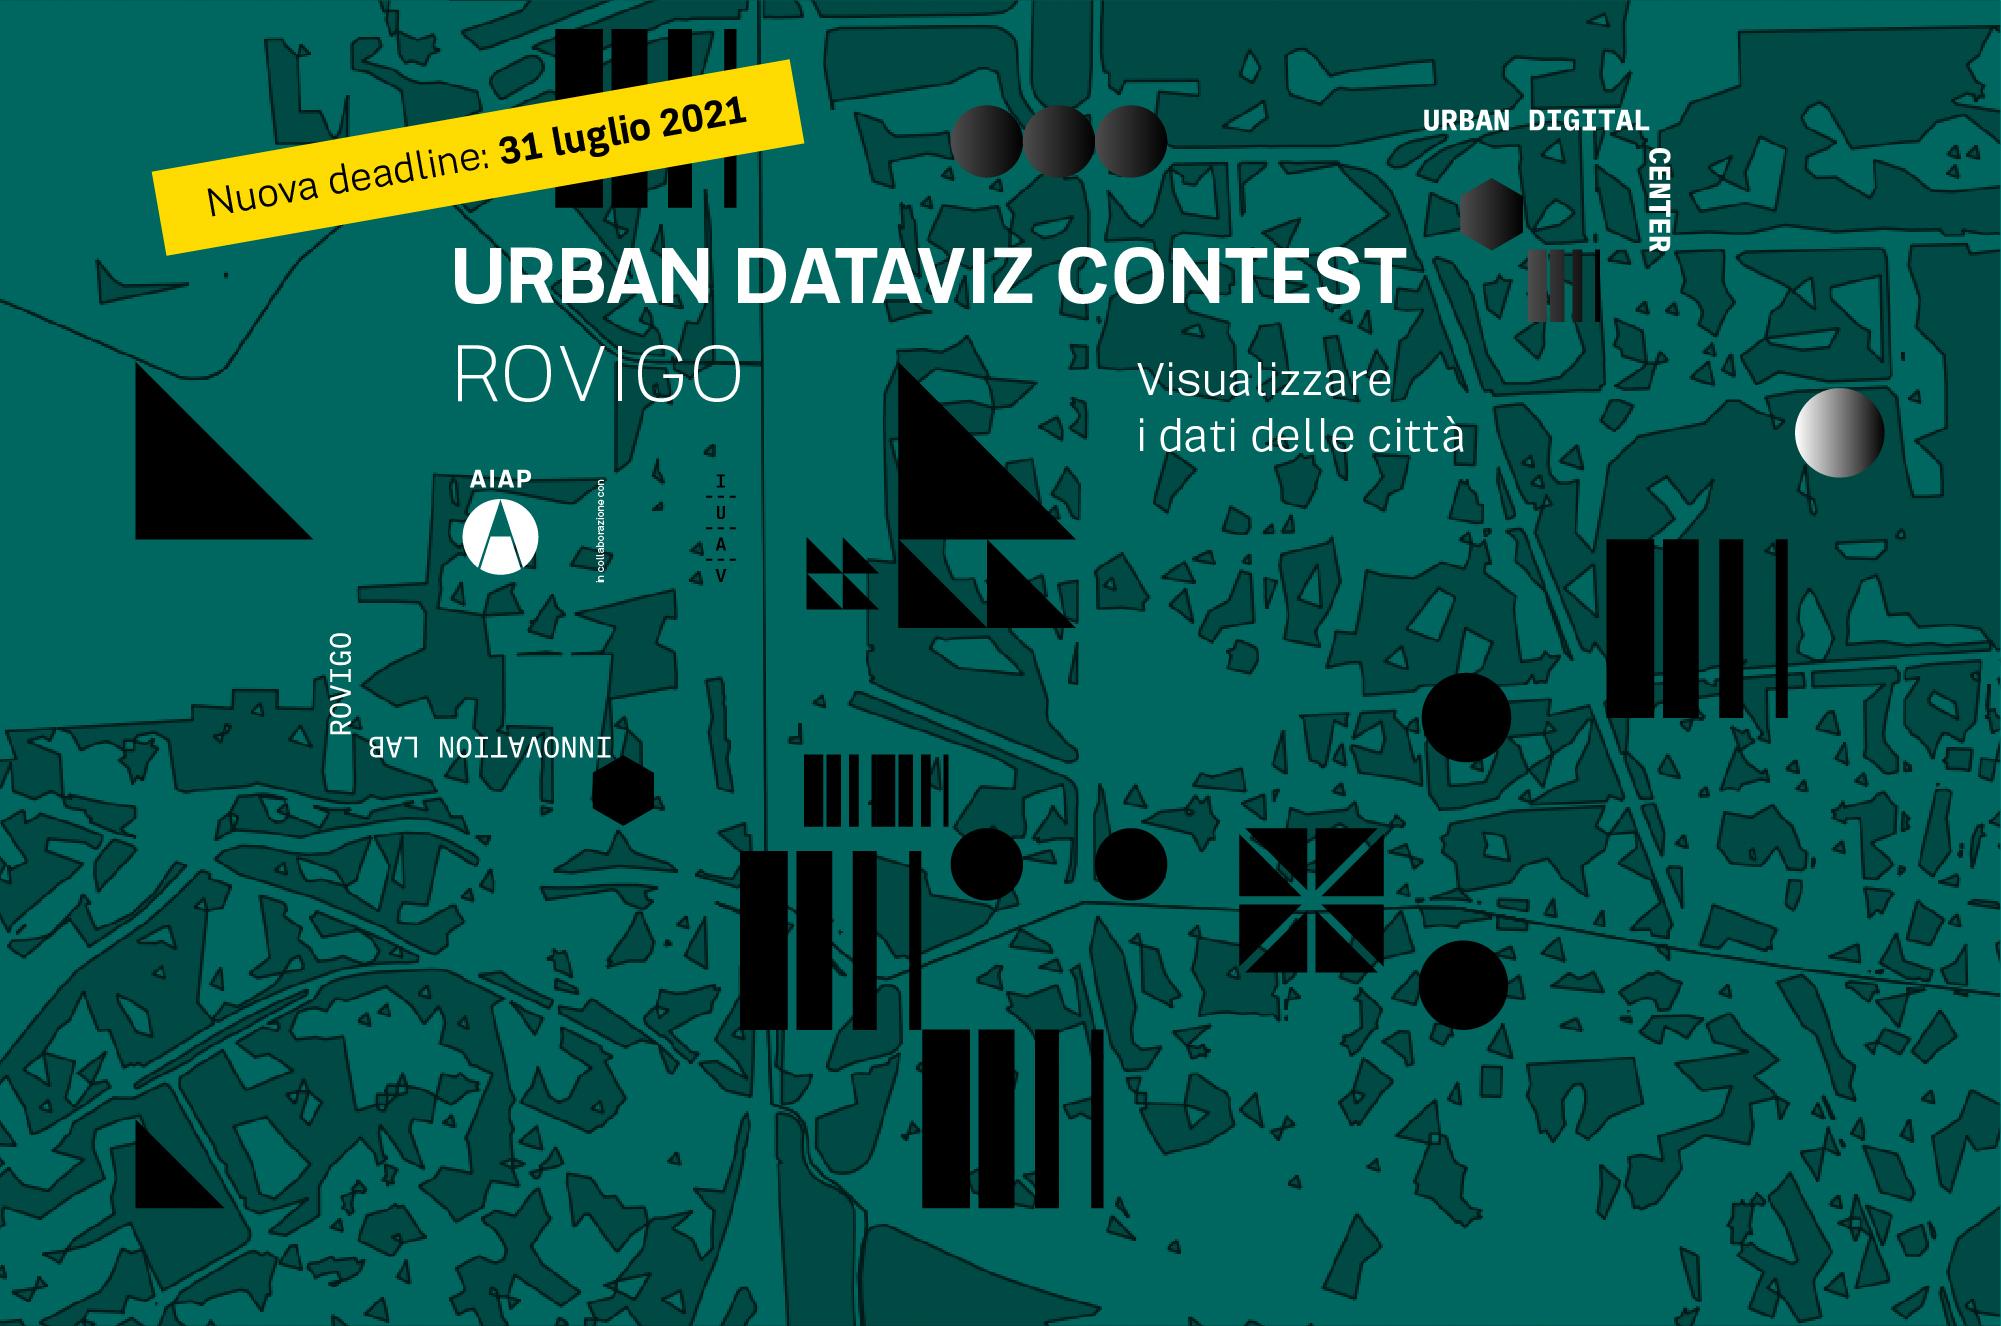 urban dataviz contest rovigo